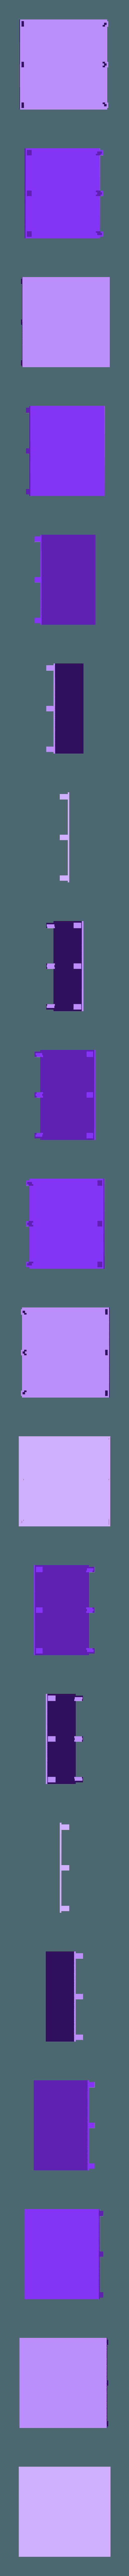 Floor_and_Foundation.stl Télécharger fichier STL gratuit Lave-auto à l'échelle HO • Design pour impression 3D, kabrumble